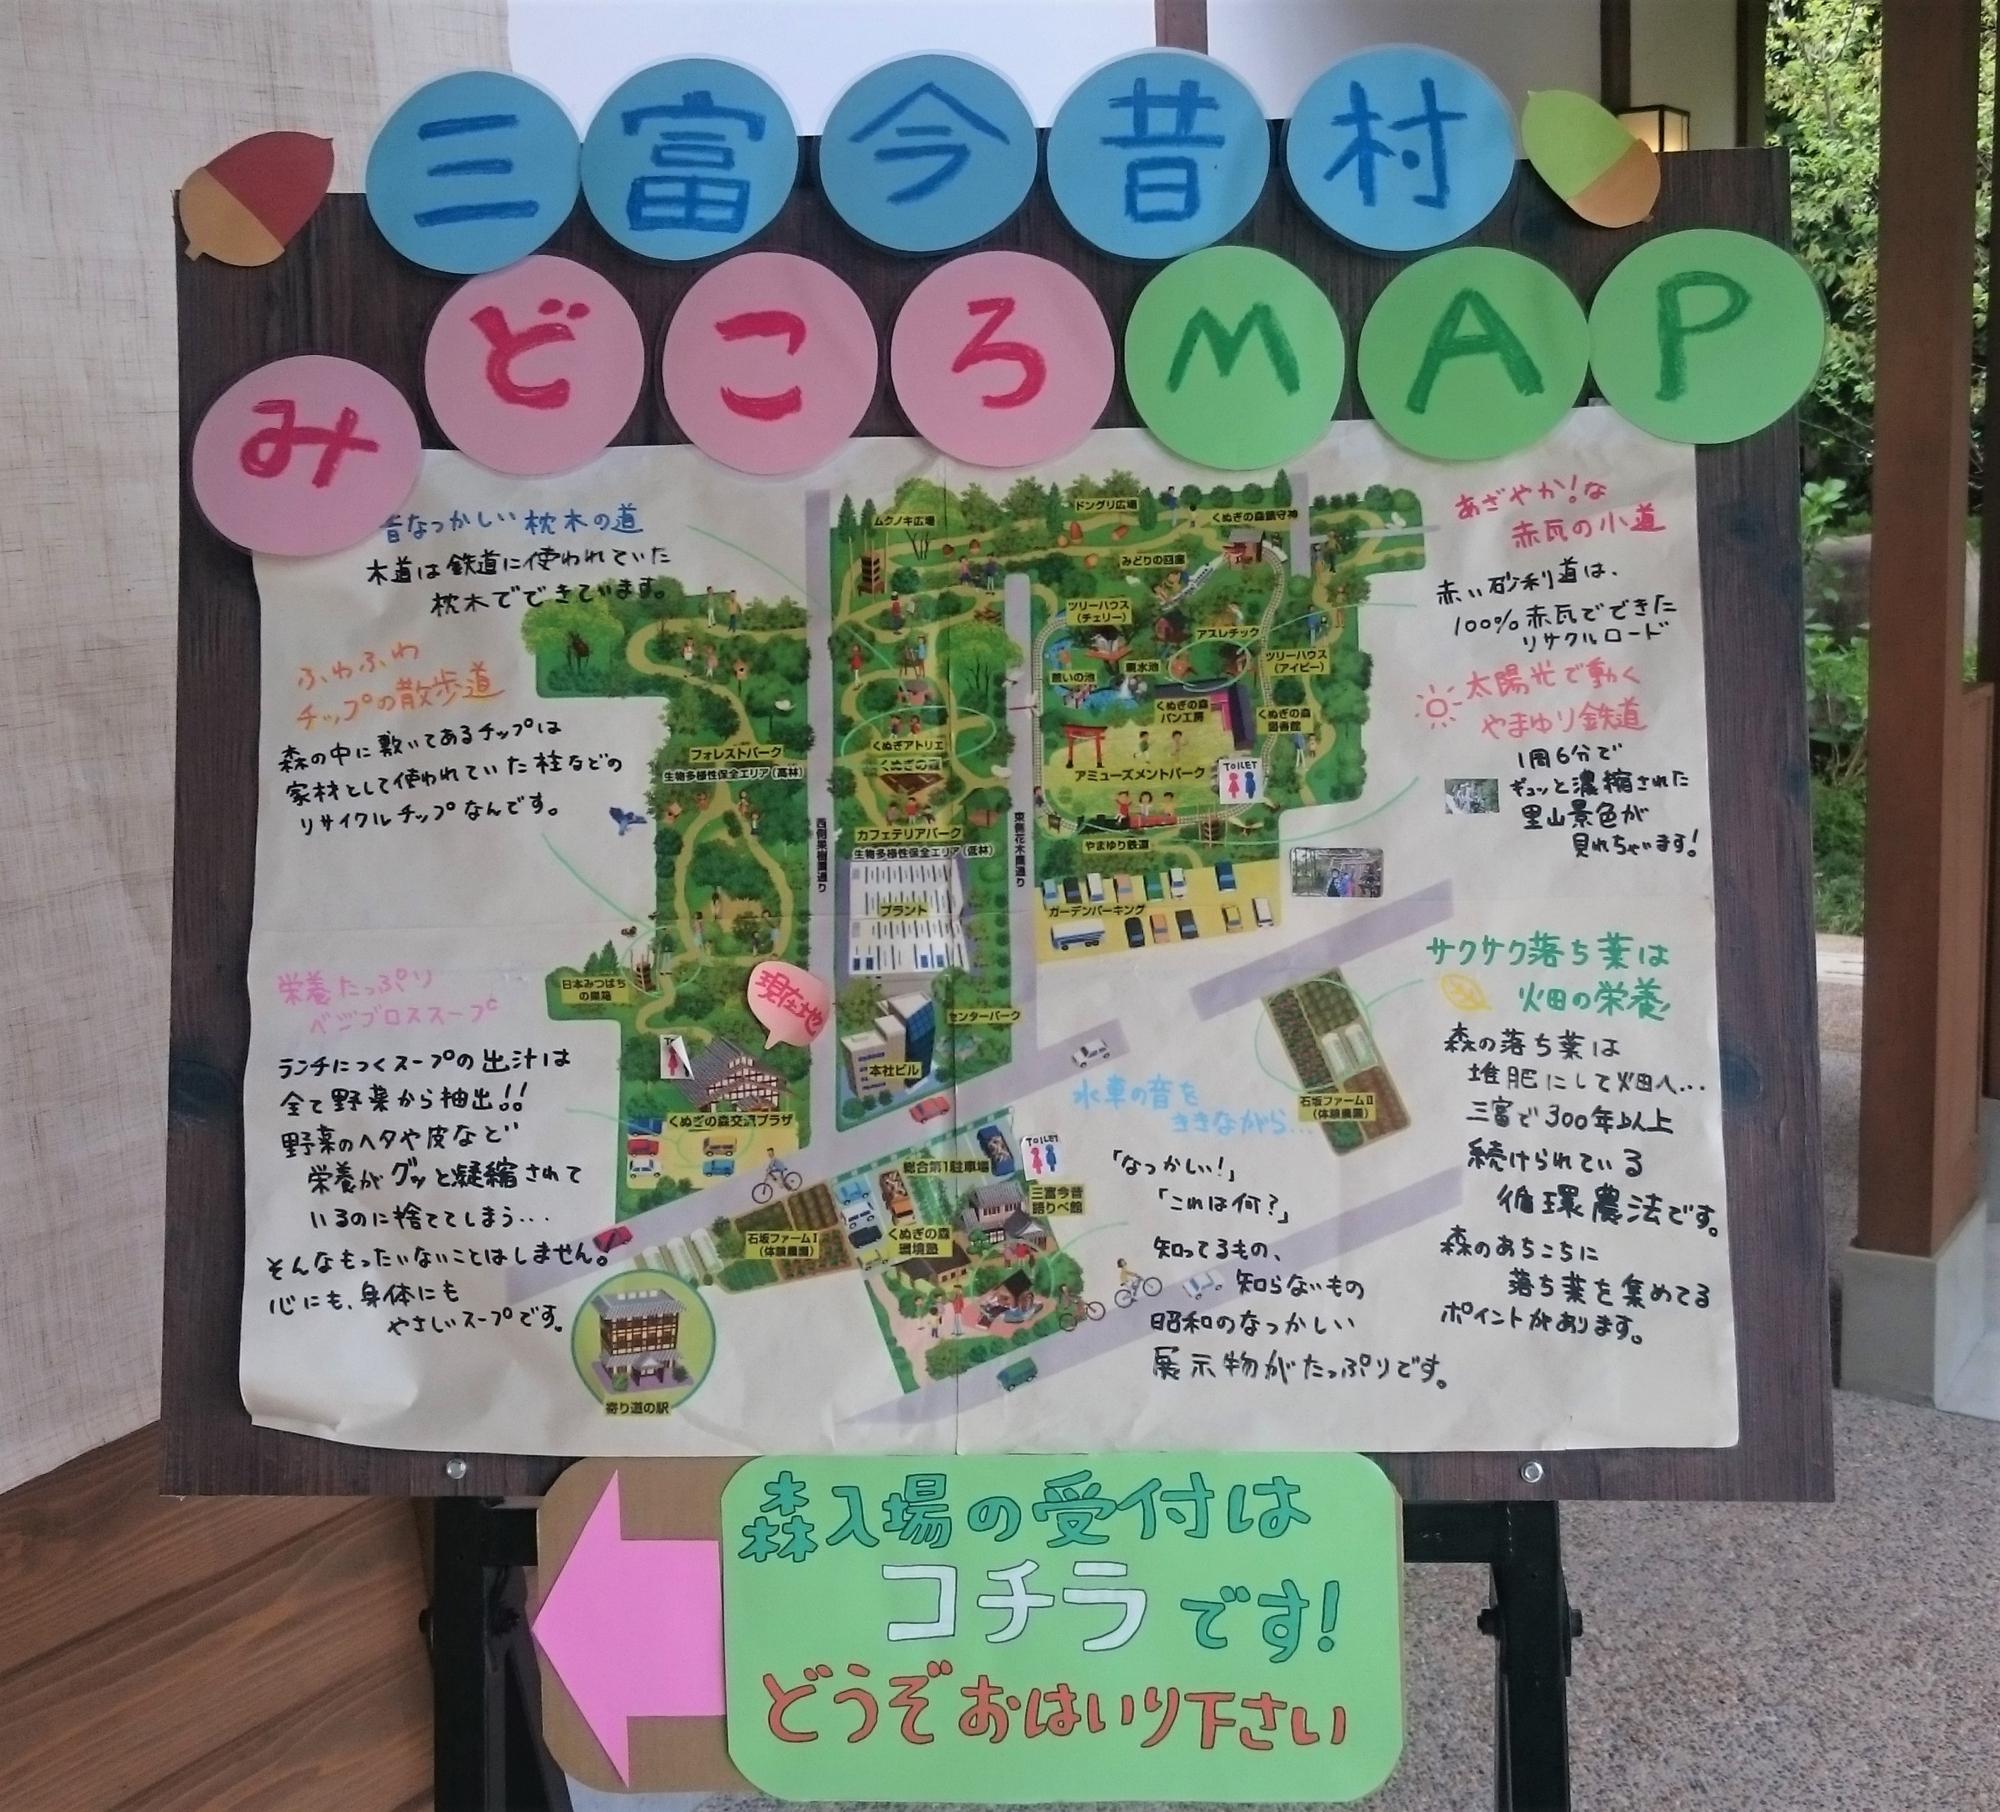 埼玉県三芳町 三富今昔村みどころMAP